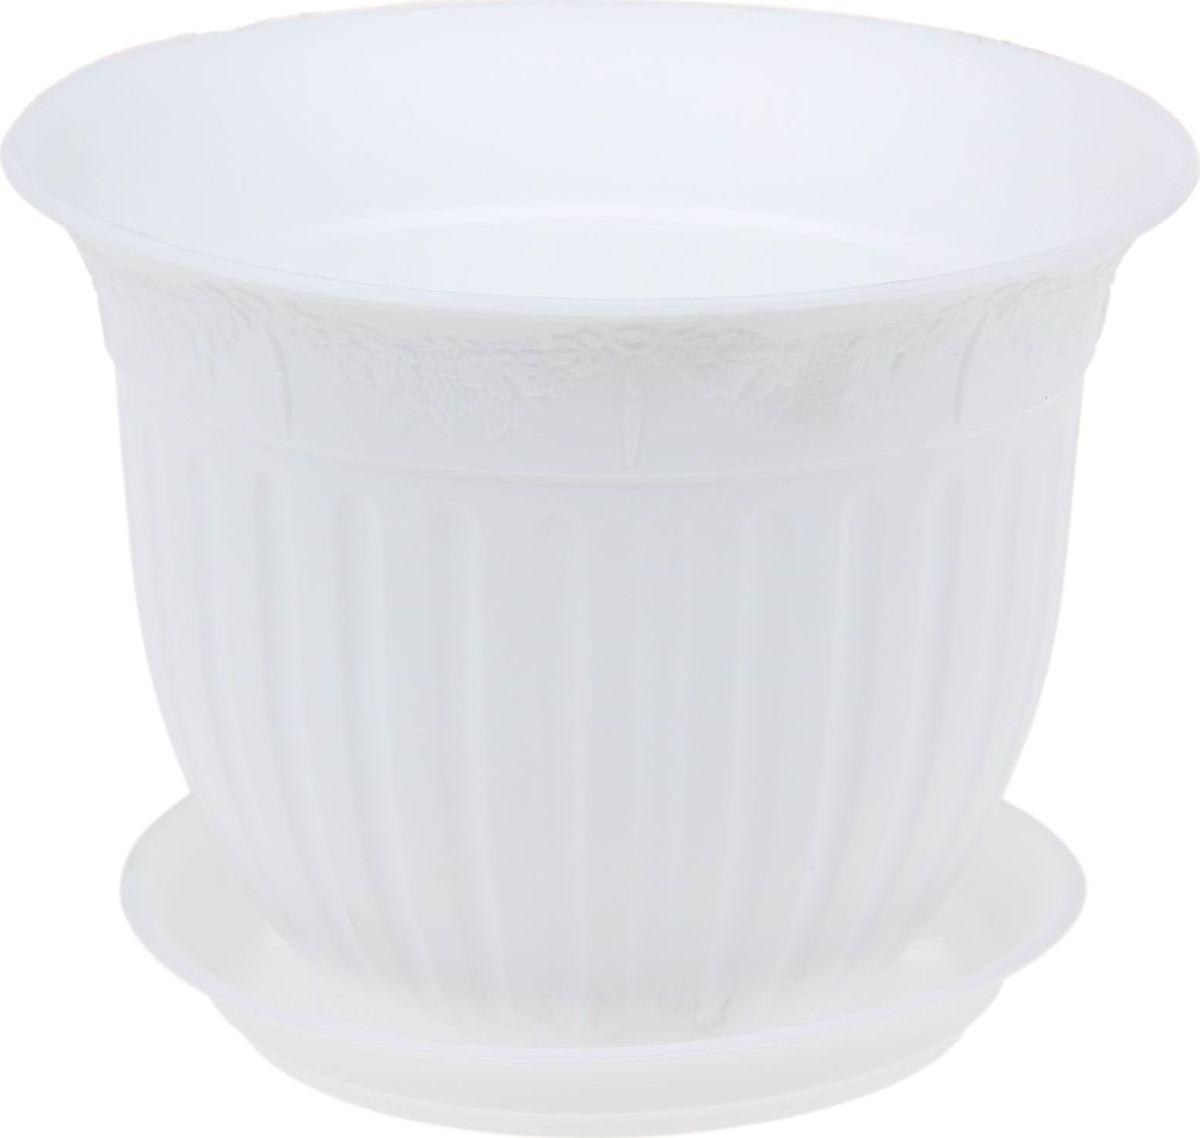 Кашпо JetPlast Виноград, с поддоном, цвет: белый, 1 л1295406Любой, даже самый современный и продуманный интерьер будет не завершённым без растений. Они не только очищают воздух и насыщают его кислородом, но и заметно украшают окружающее пространство. Такому полезному члену семьи просто необходимо красивое и функциональное кашпо, оригинальный горшок или необычная ваза! Мы предлагаем - Кашпо с поддоном 1 л Виноград, цвет белый! Оптимальный выбор материала пластмасса! Почему мы так считаем? -Малый вес. С лёгкостью переносите горшки и кашпо с места на место, ставьте их на столики или полки, подвешивайте под потолок, не беспокоясь о нагрузке. -Простота ухода. Пластиковые изделия не нуждаются в специальных условиях хранения. Их легко чистить достаточно просто сполоснуть тёплой водой. -Никаких царапин. Пластиковые кашпо не царапают и не загрязняют поверхности, на которых стоят. -Пластик дольше хранит влагу, а значит растение реже нуждается в поливе. -Пластмасса не пропускает воздух корневой системе растения не грозят резкие перепады температур. -Огромный выбор форм, декора и расцветок вы без труда подберёте что-то, что идеально впишется в уже существующий интерьер. Соблюдая нехитрые правила ухода, вы можете заметно продлить срок службы горшков, вазонов и кашпо из пластика: -всегда учитывайте размер кроны и корневой системы растения (при разрастании большое растение способно повредить маленький горшок)-берегите изделие от воздействия прямых солнечных лучей, чтобы кашпо и горшки не выцветали-держите кашпо и горшки из пластика подальше от нагревающихся поверхностей. Создавайте прекрасные цветочные композиции, выращивайте рассаду или необычные растения, а низкие цены позволят вам не ограничивать себя в выборе.